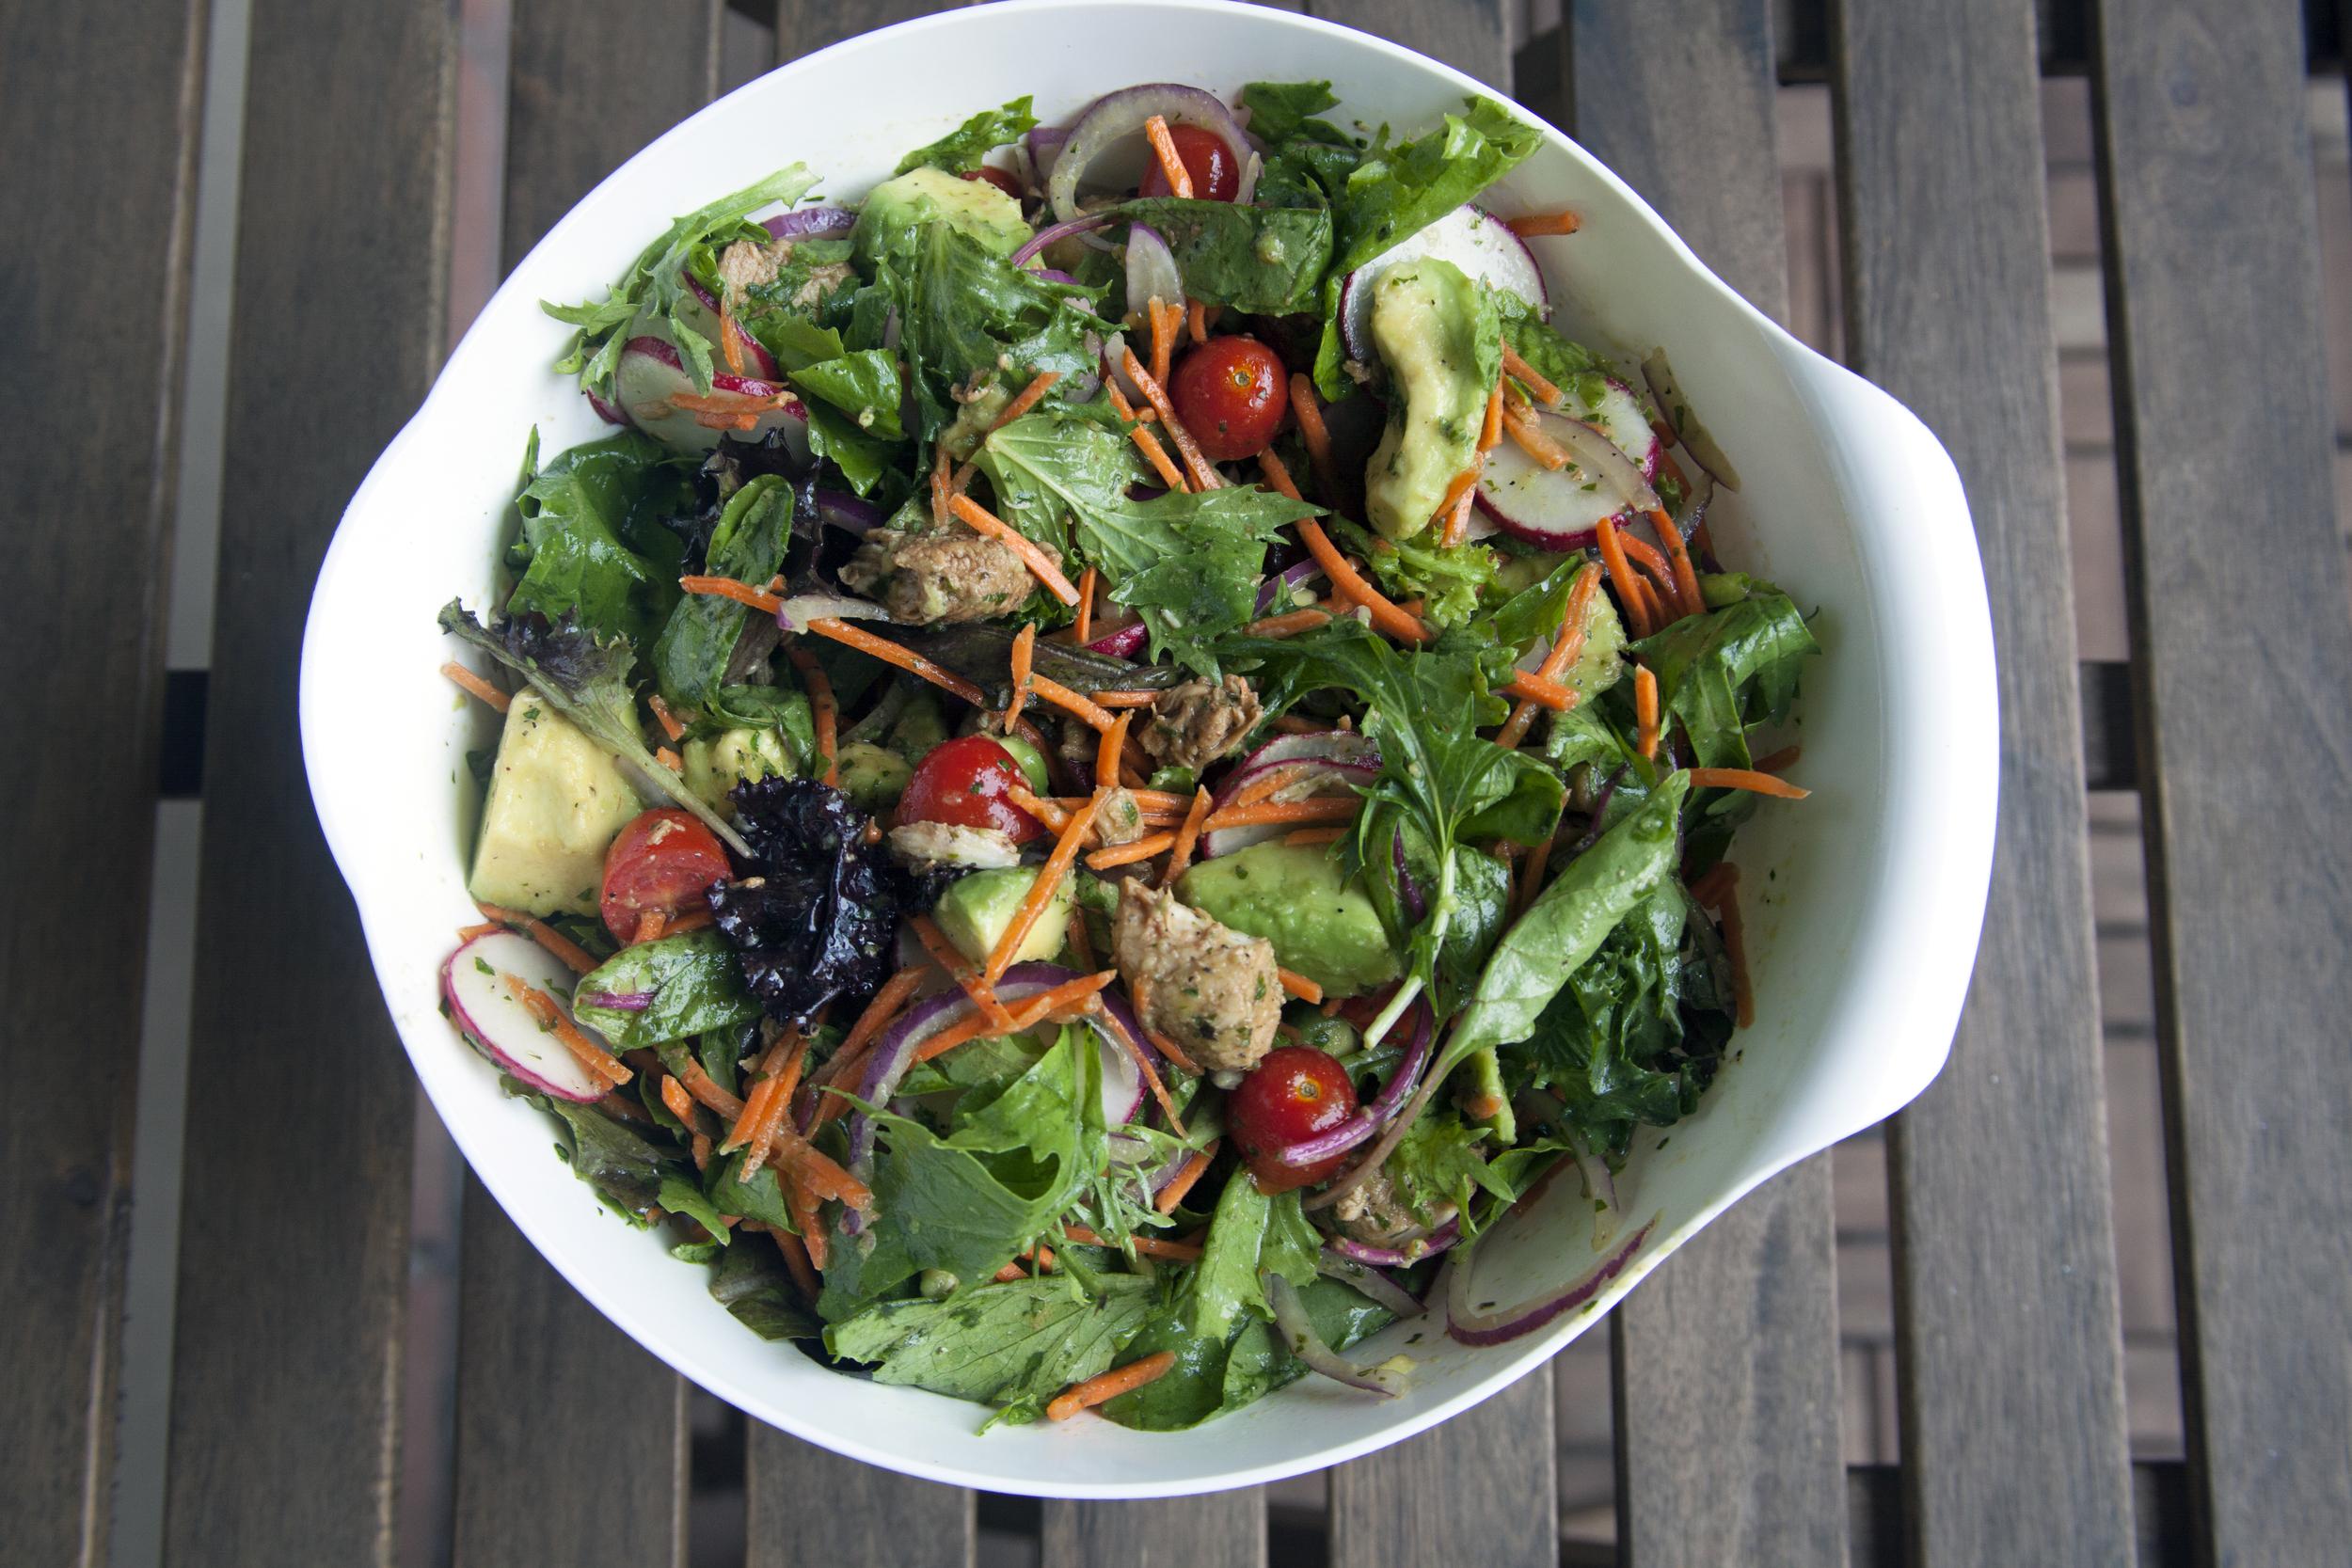 BBQ Chicken & Avocado Summer Salad